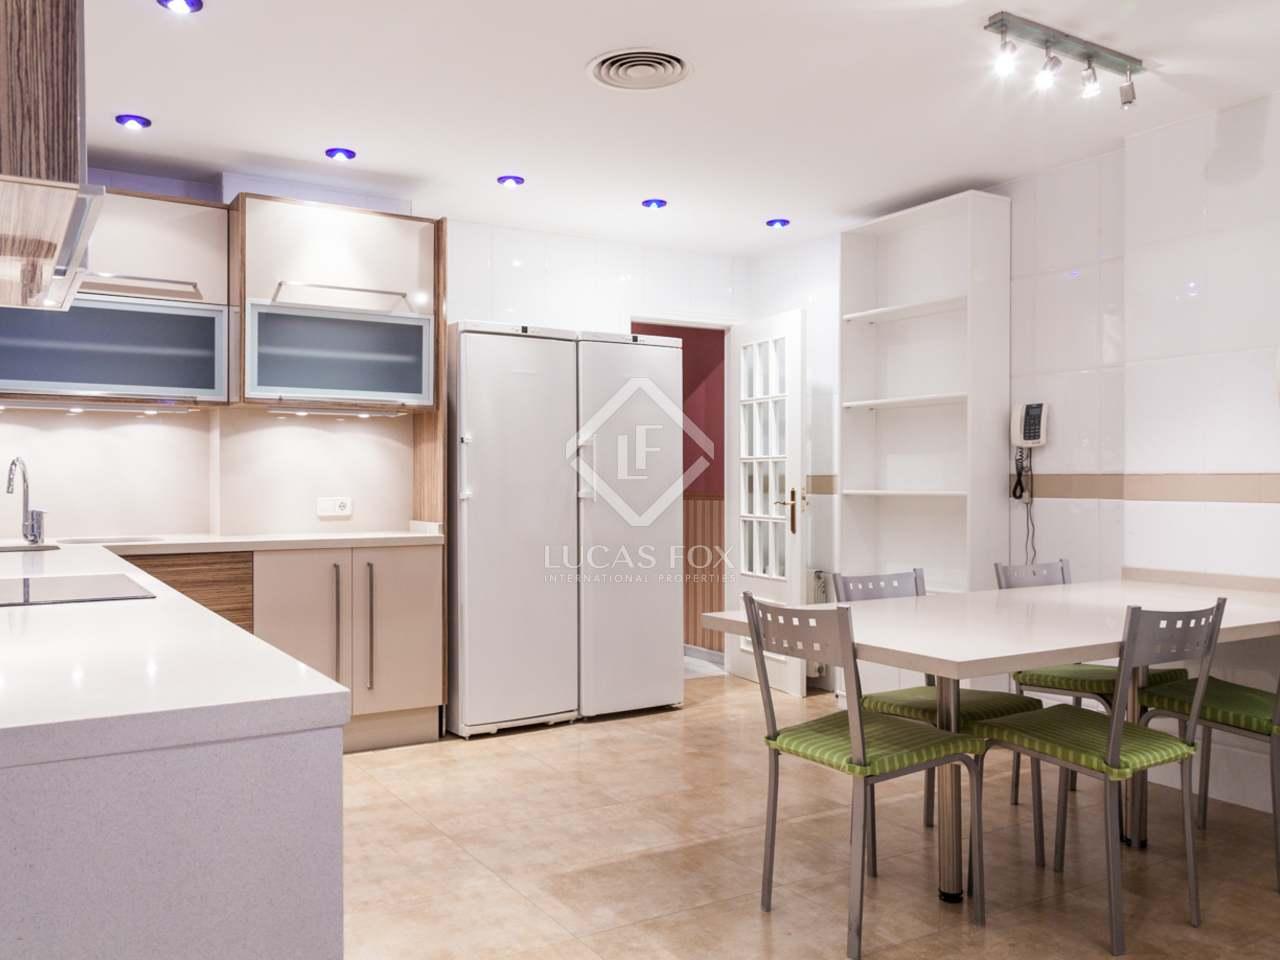 263m wohnung mit 25m terrasse zum verkauf in sant francesc. Black Bedroom Furniture Sets. Home Design Ideas